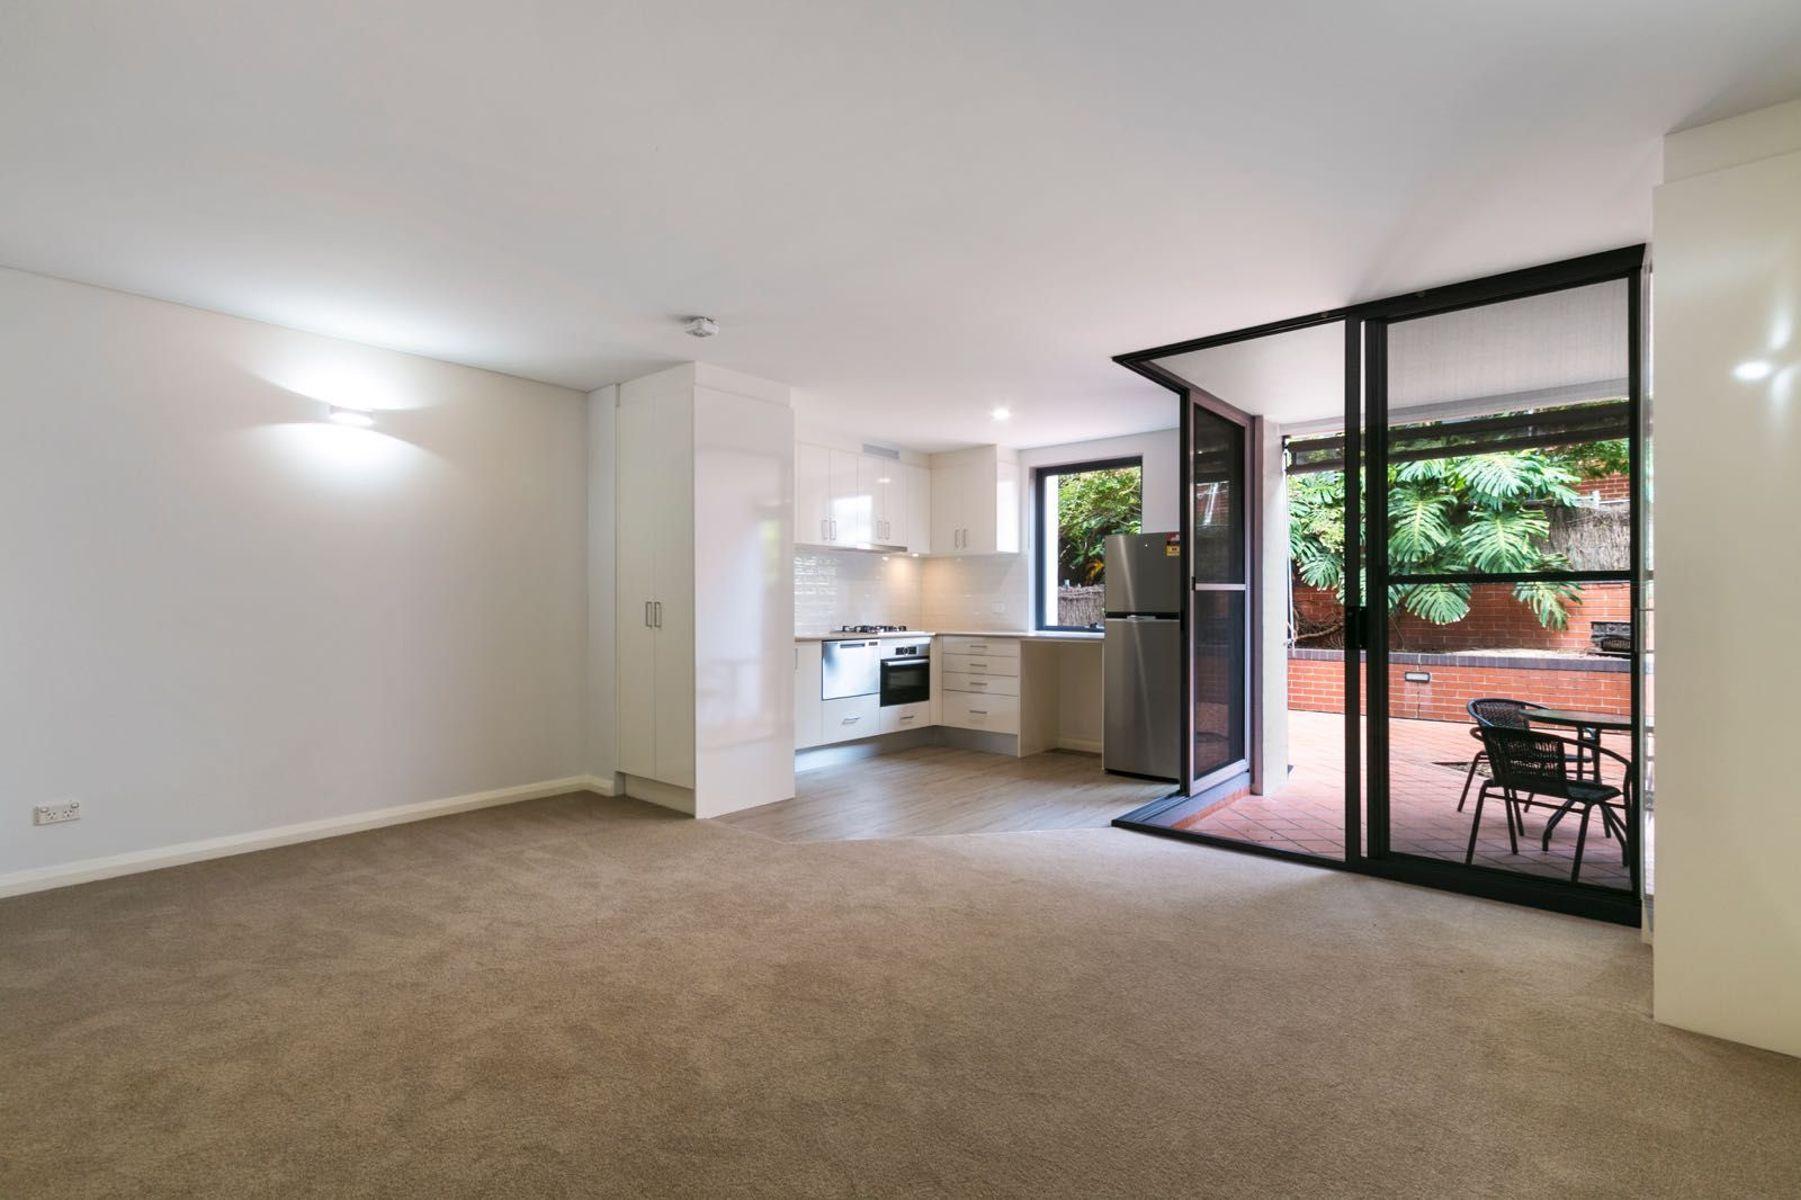 2/37 Iredale Street, Newtown, NSW 2042